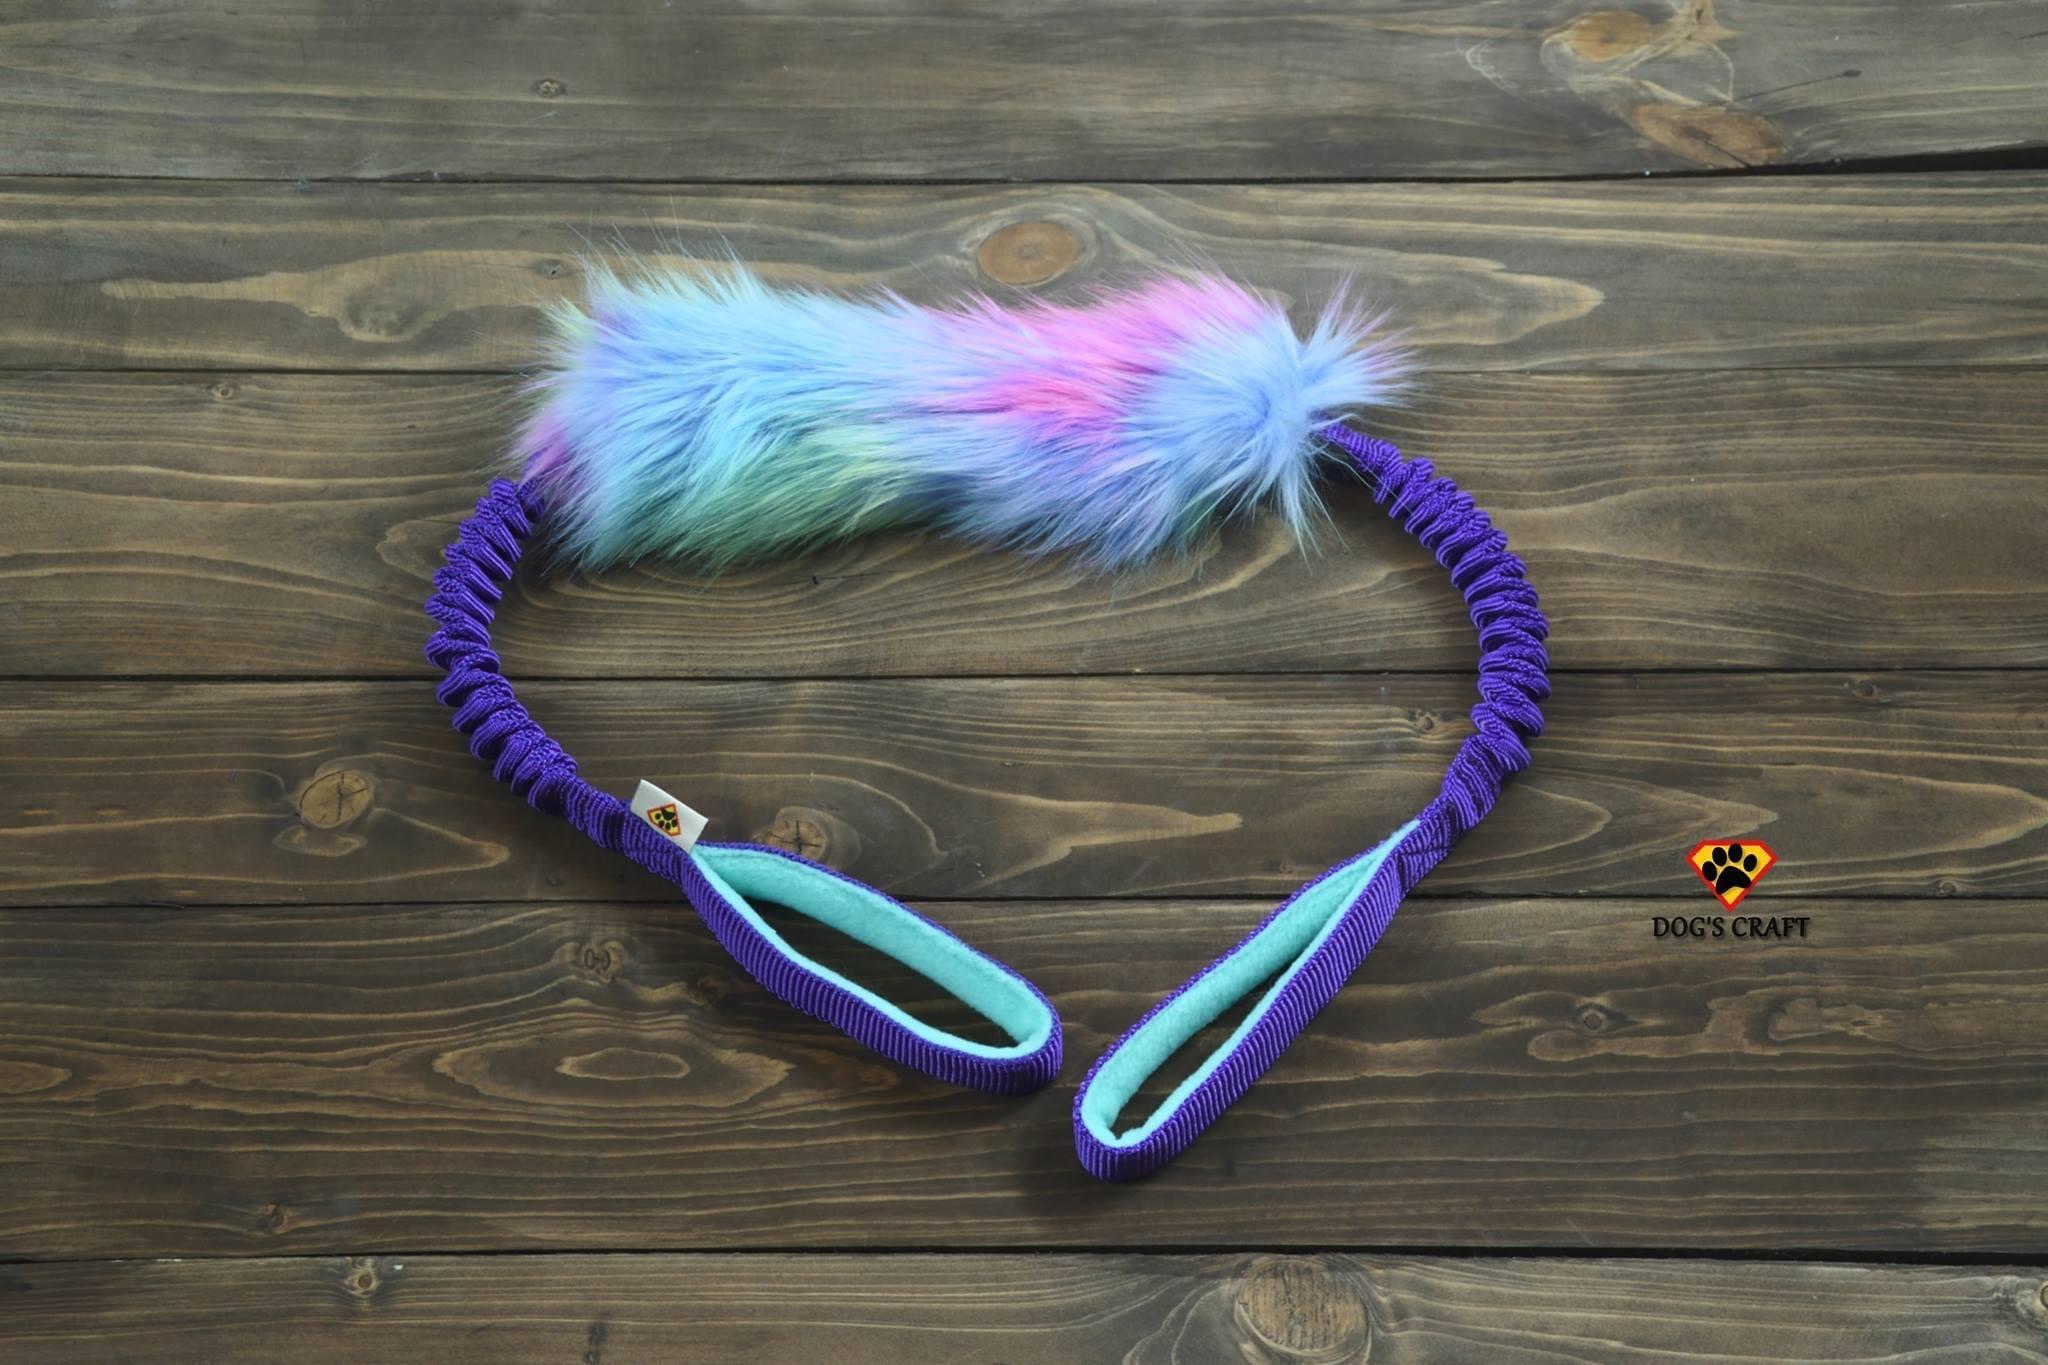 Dog's Craft Dog's Craft Unicorn Fur Krab